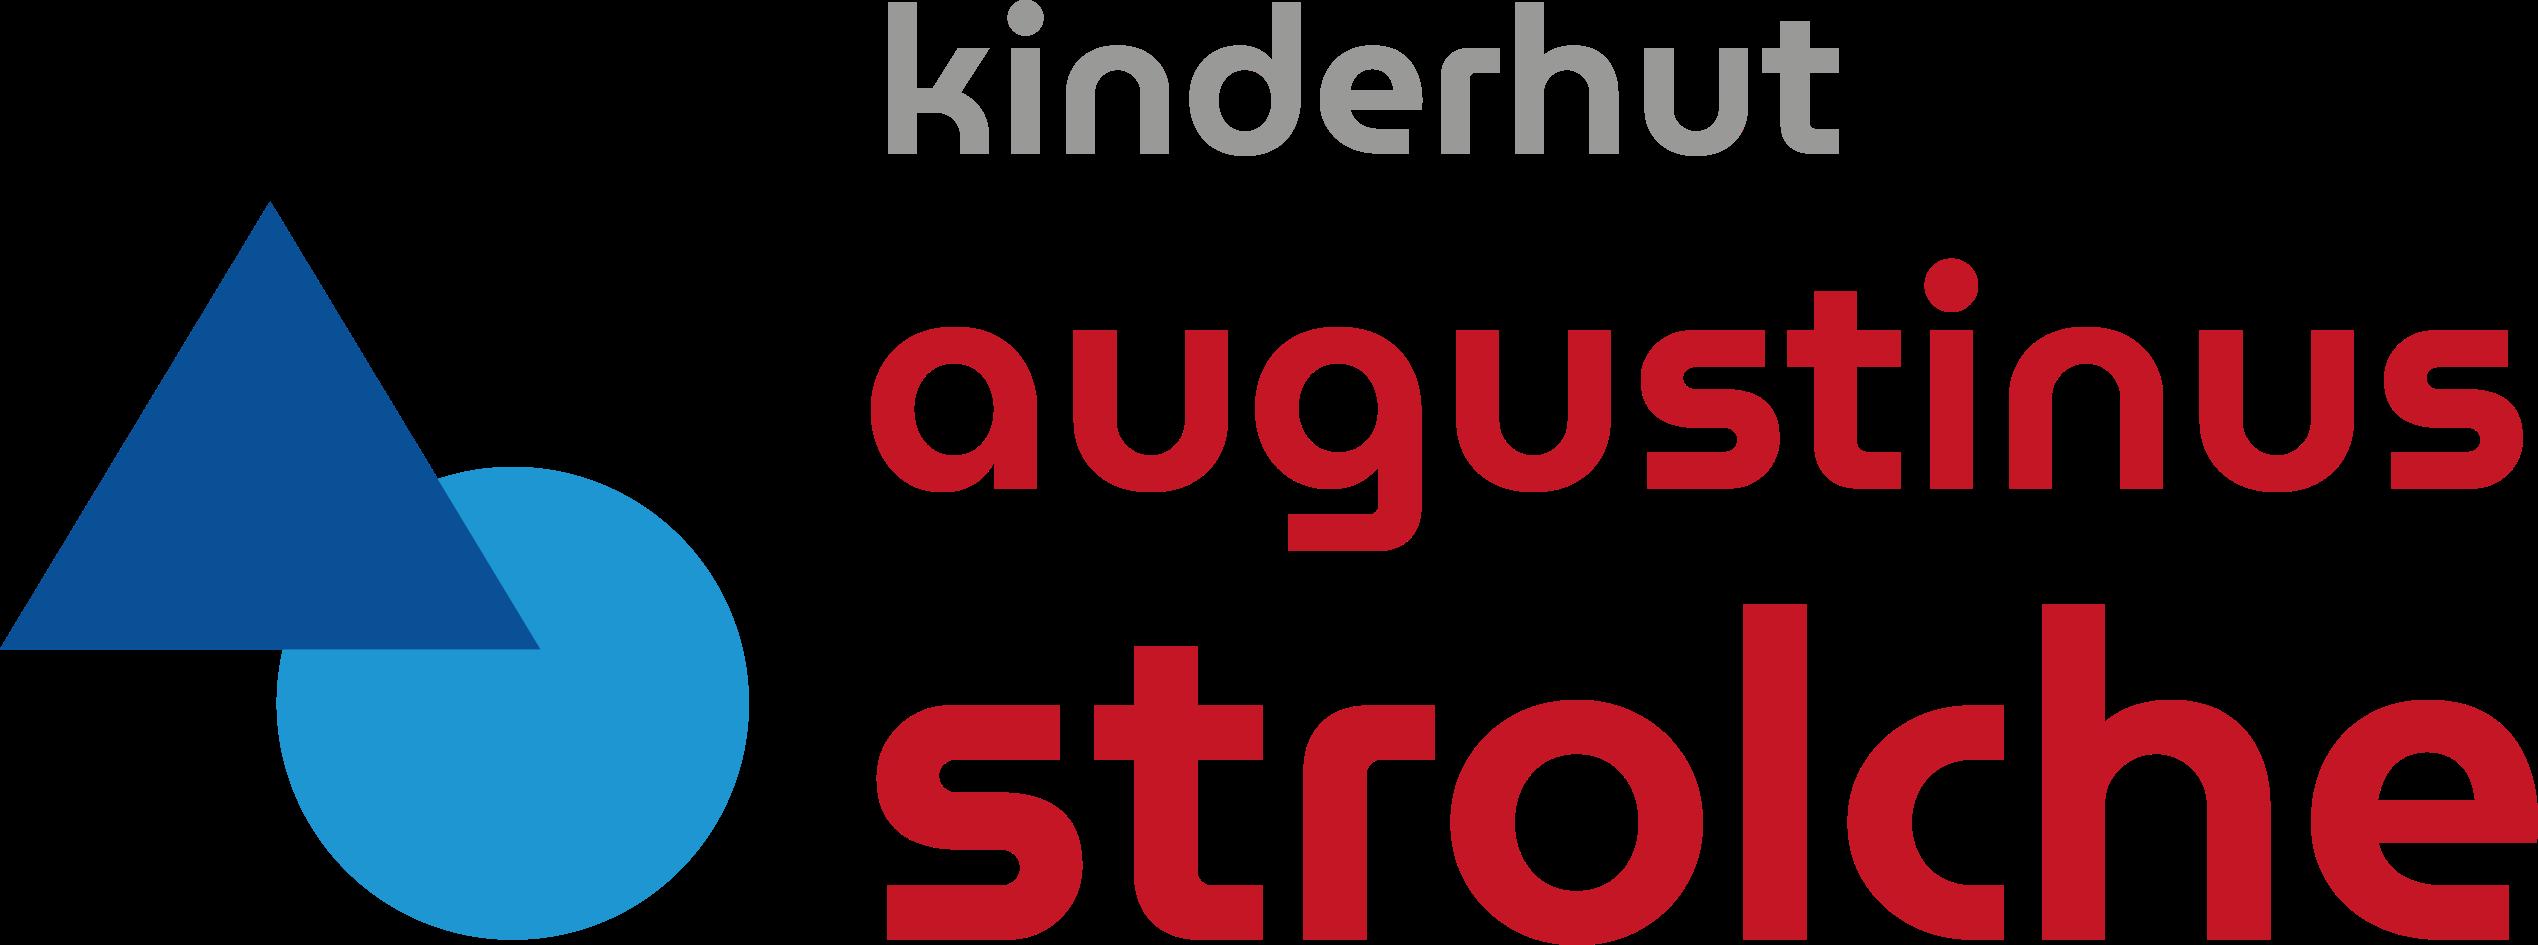 Augustinus Strolche